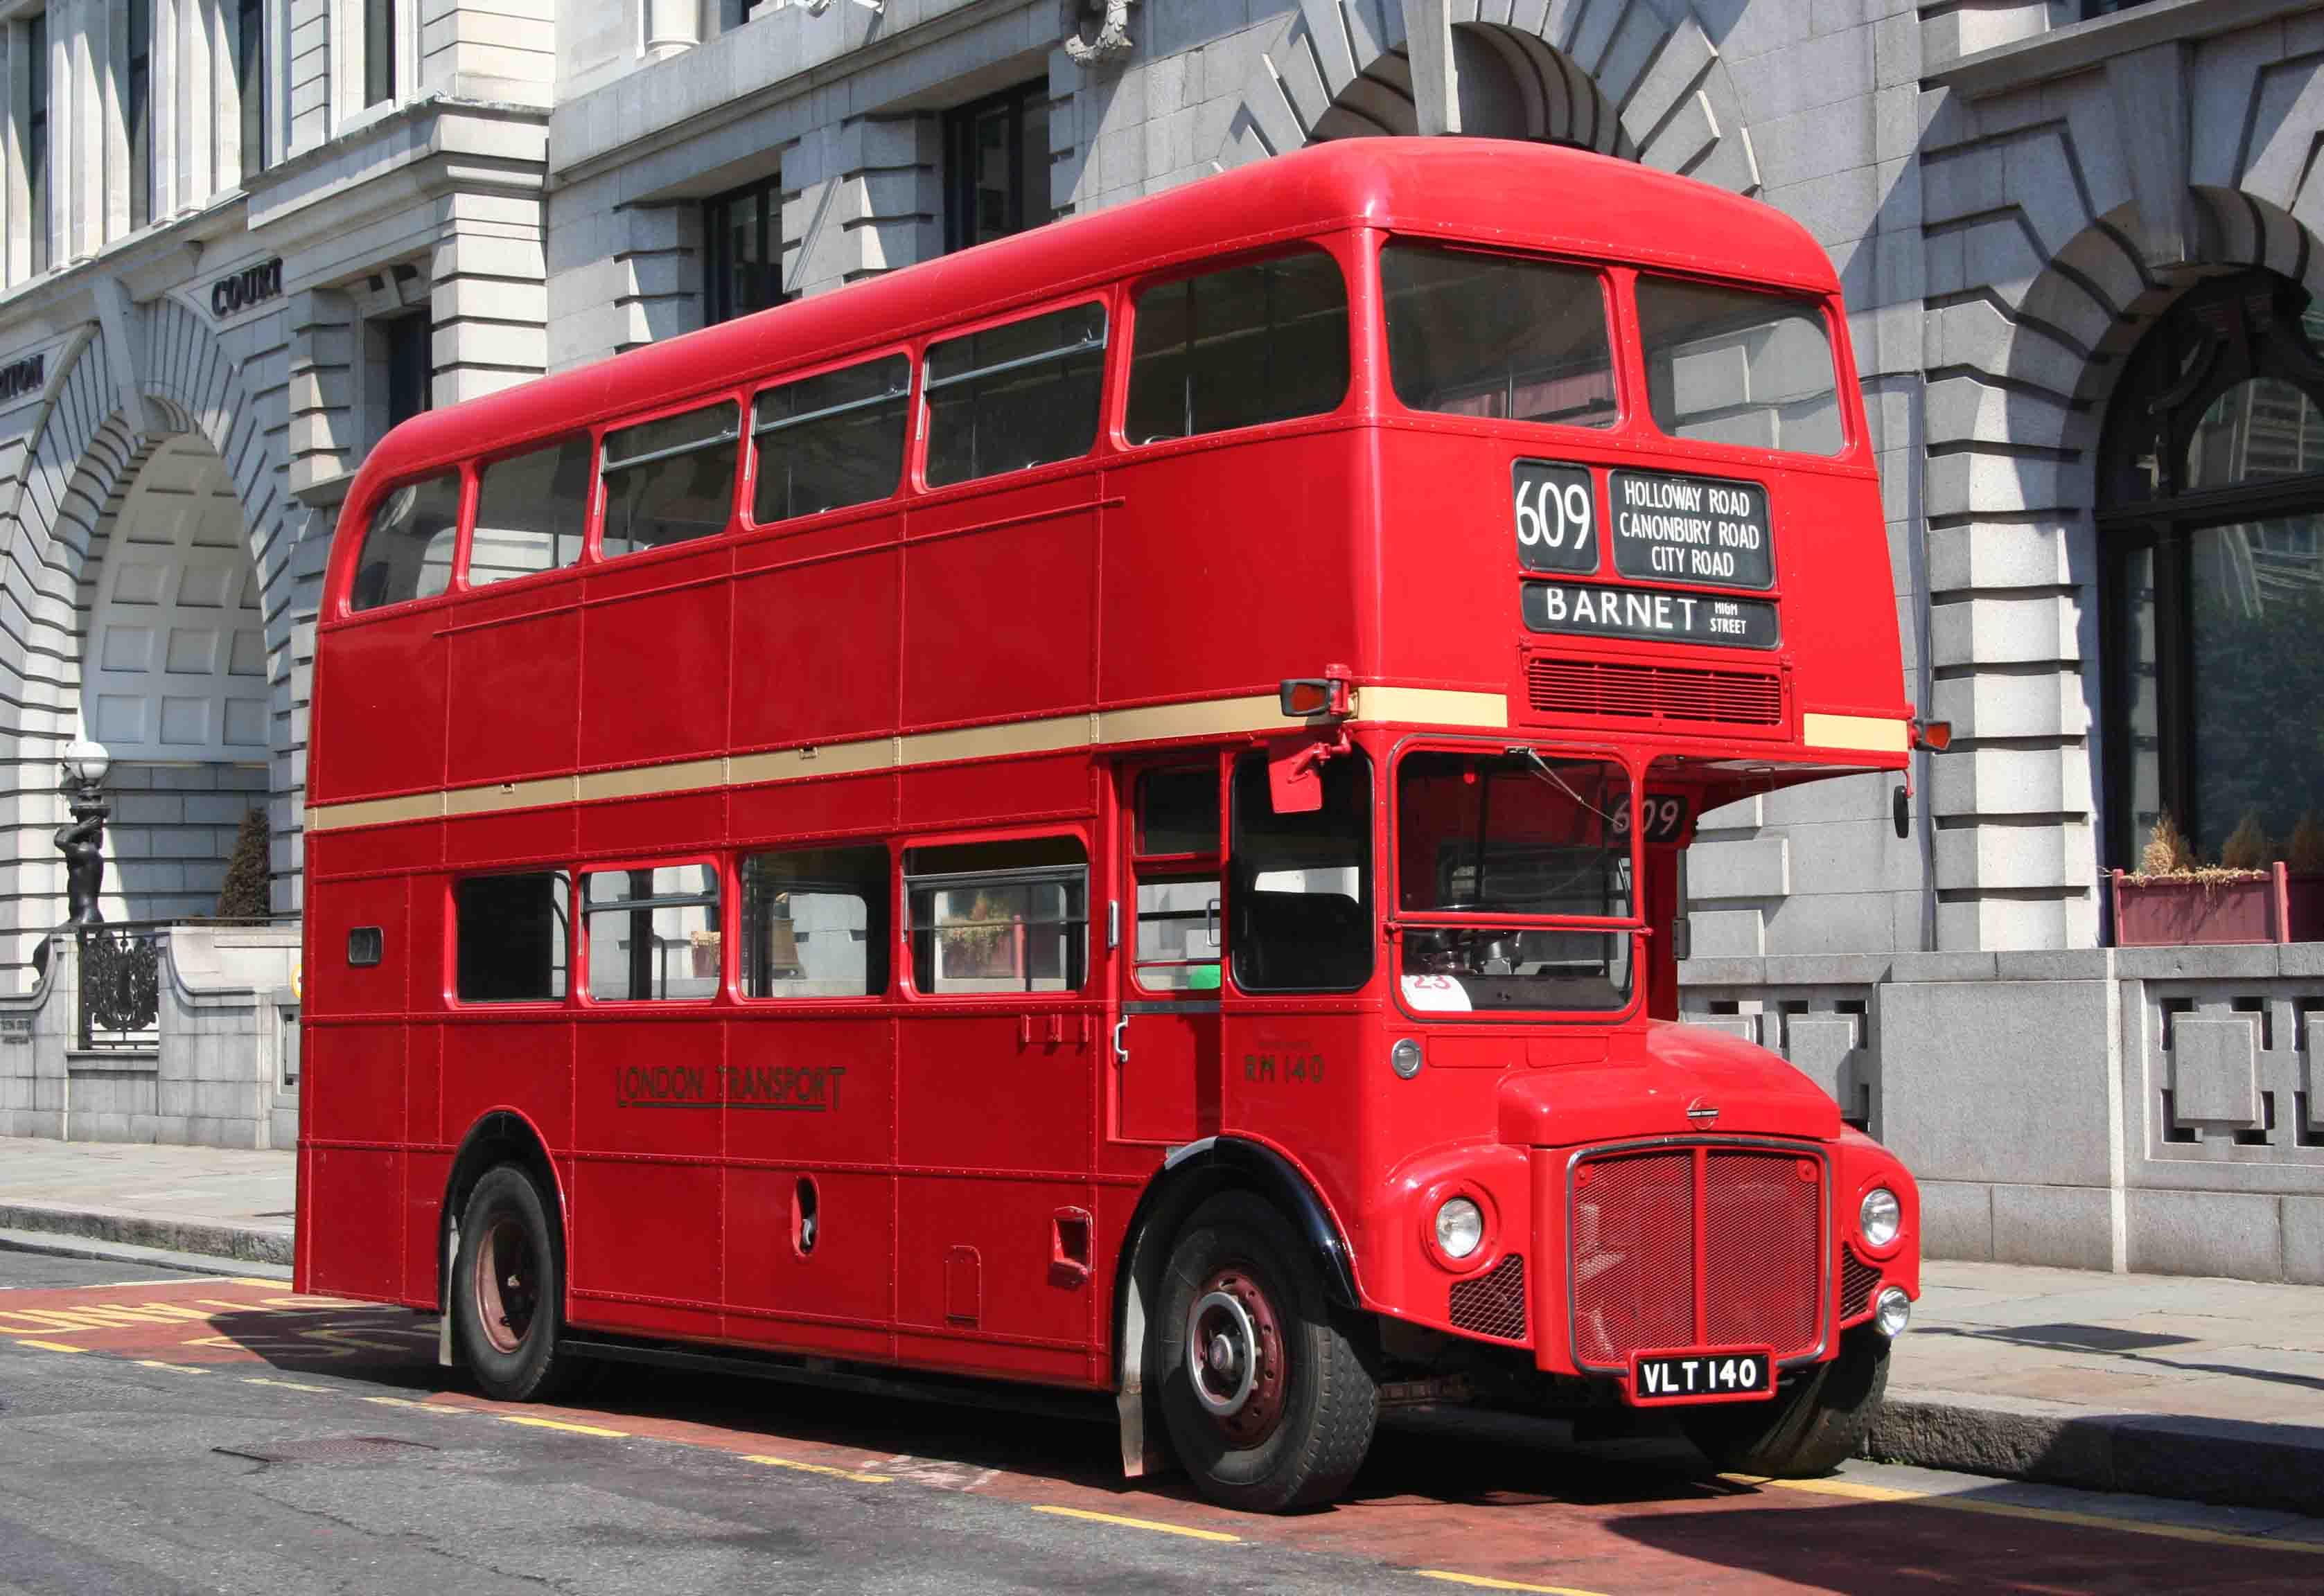 1959 AEC Routemaster bus   RM140   London Bus Museum 3354x2304